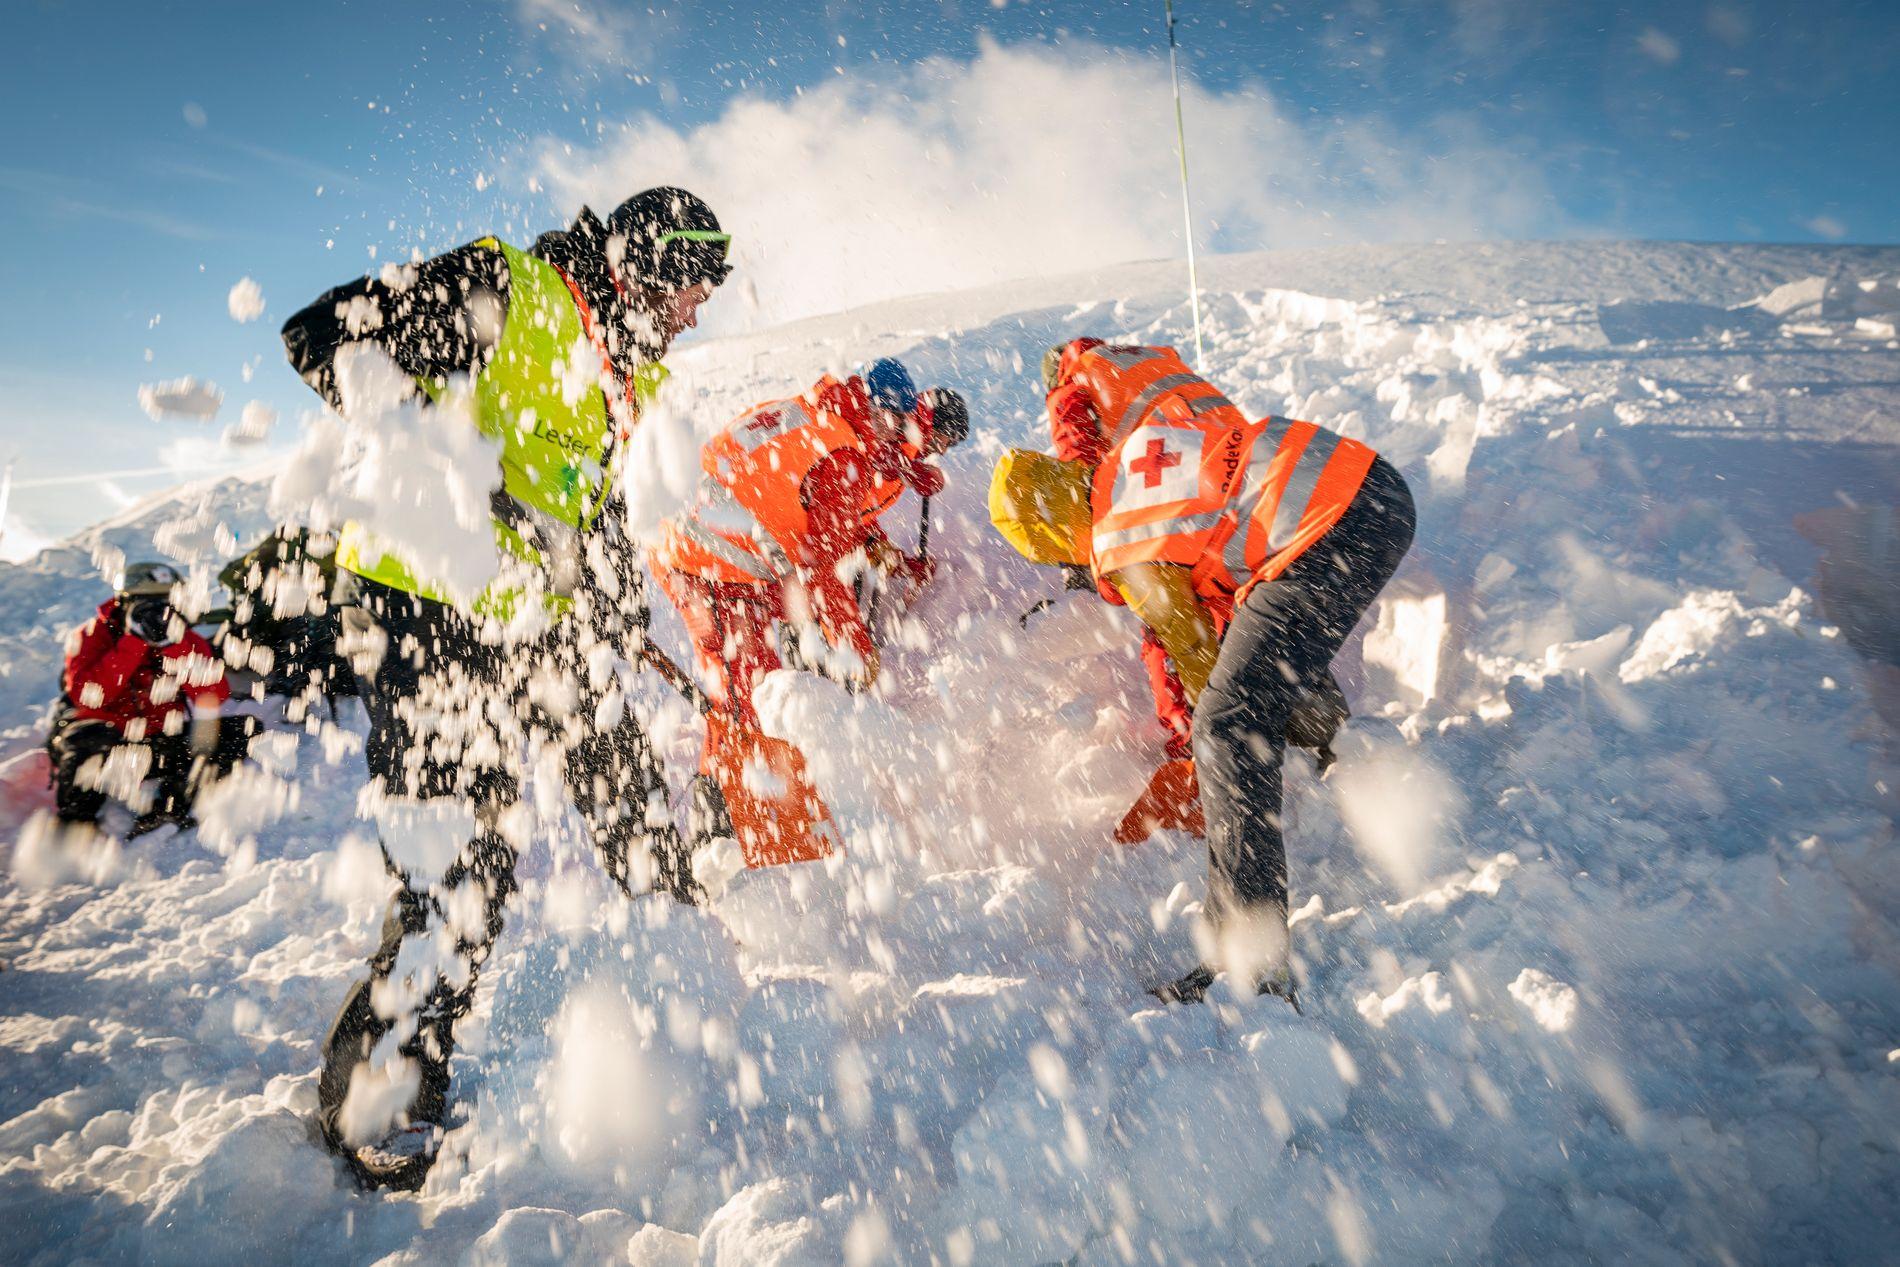 FINSEKURSET: Sikkerhetsministeren roser redningsberedskapen i Norge, som trår til med alle tilgjengelig midler når ulykken er ute. Her illustrert med redningsarbeidere fra Røde Kors i en øvelse.